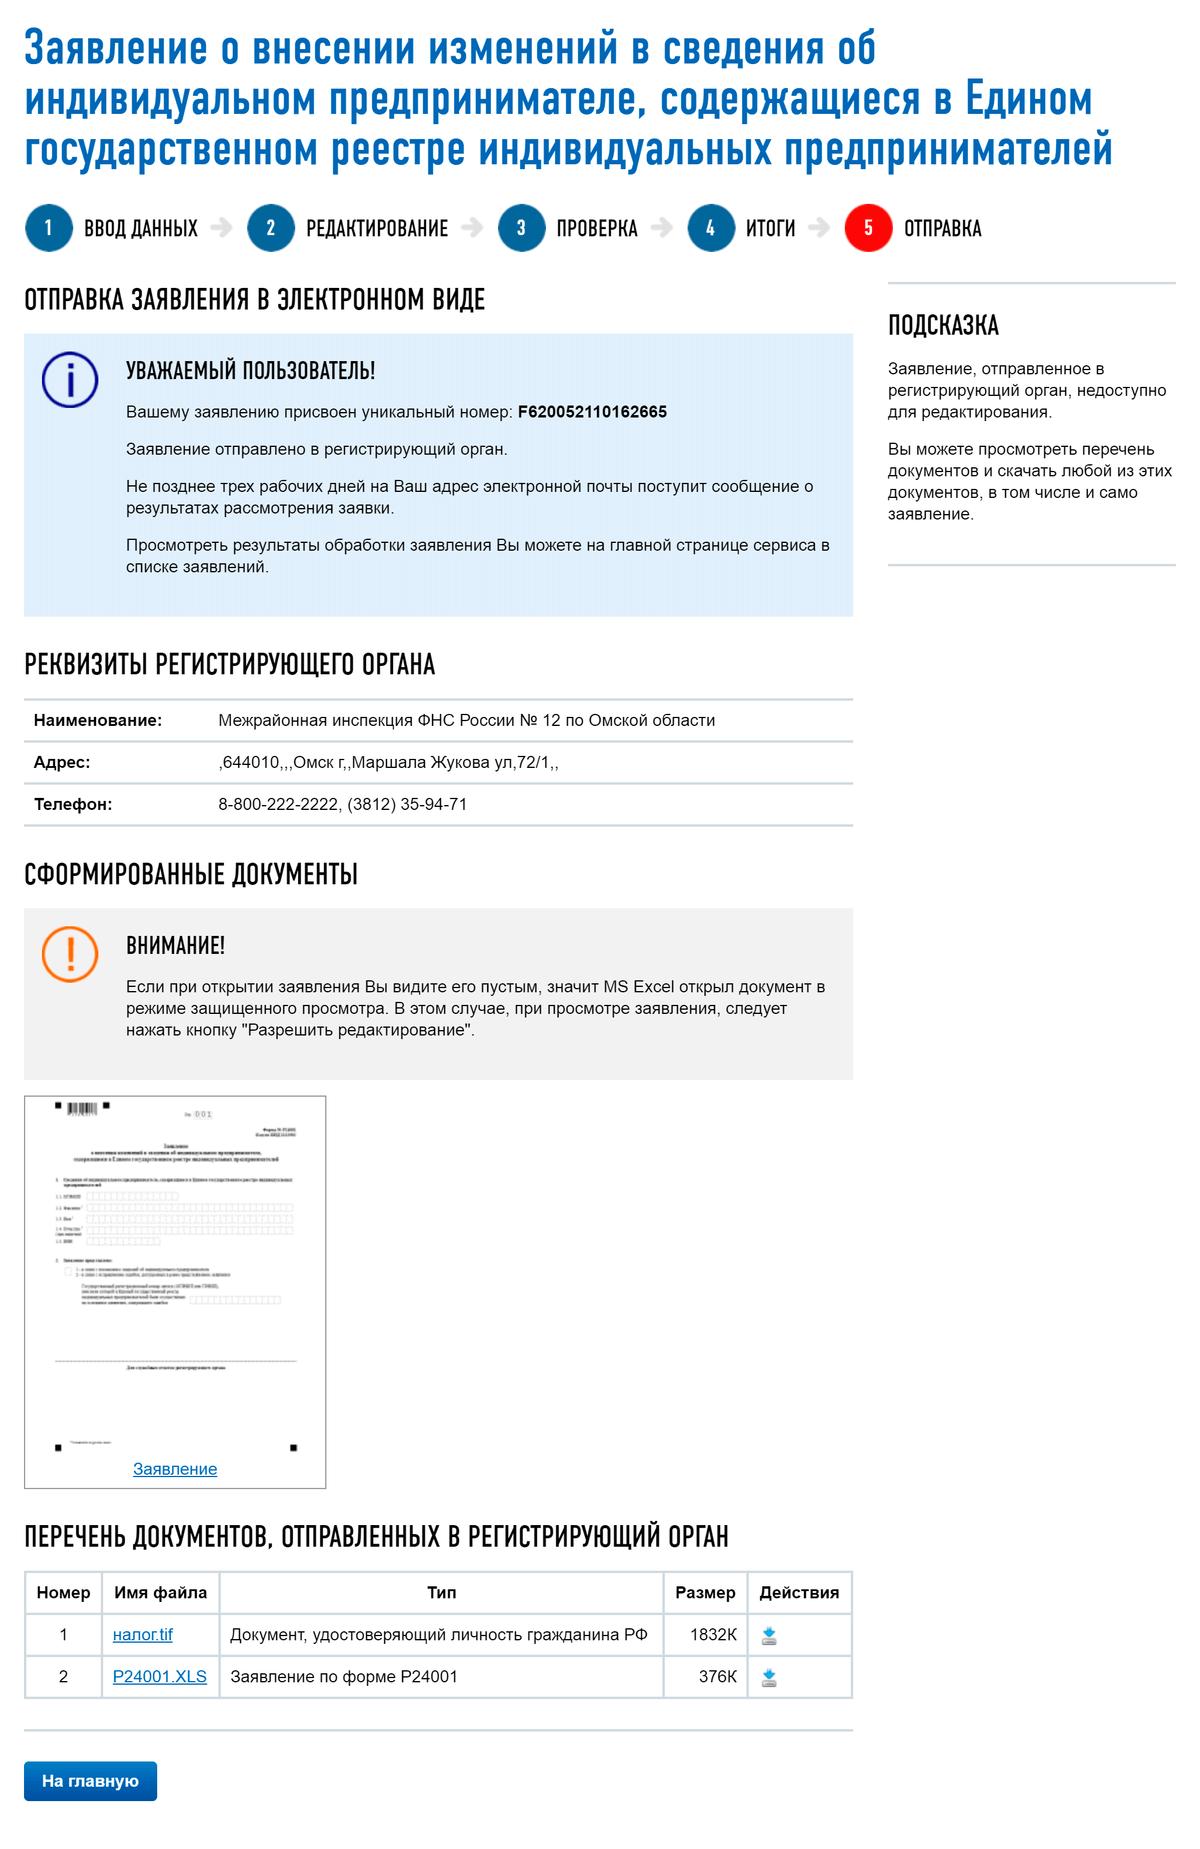 Комплект документов улетает в инспекцию, заявлению присваивается номер